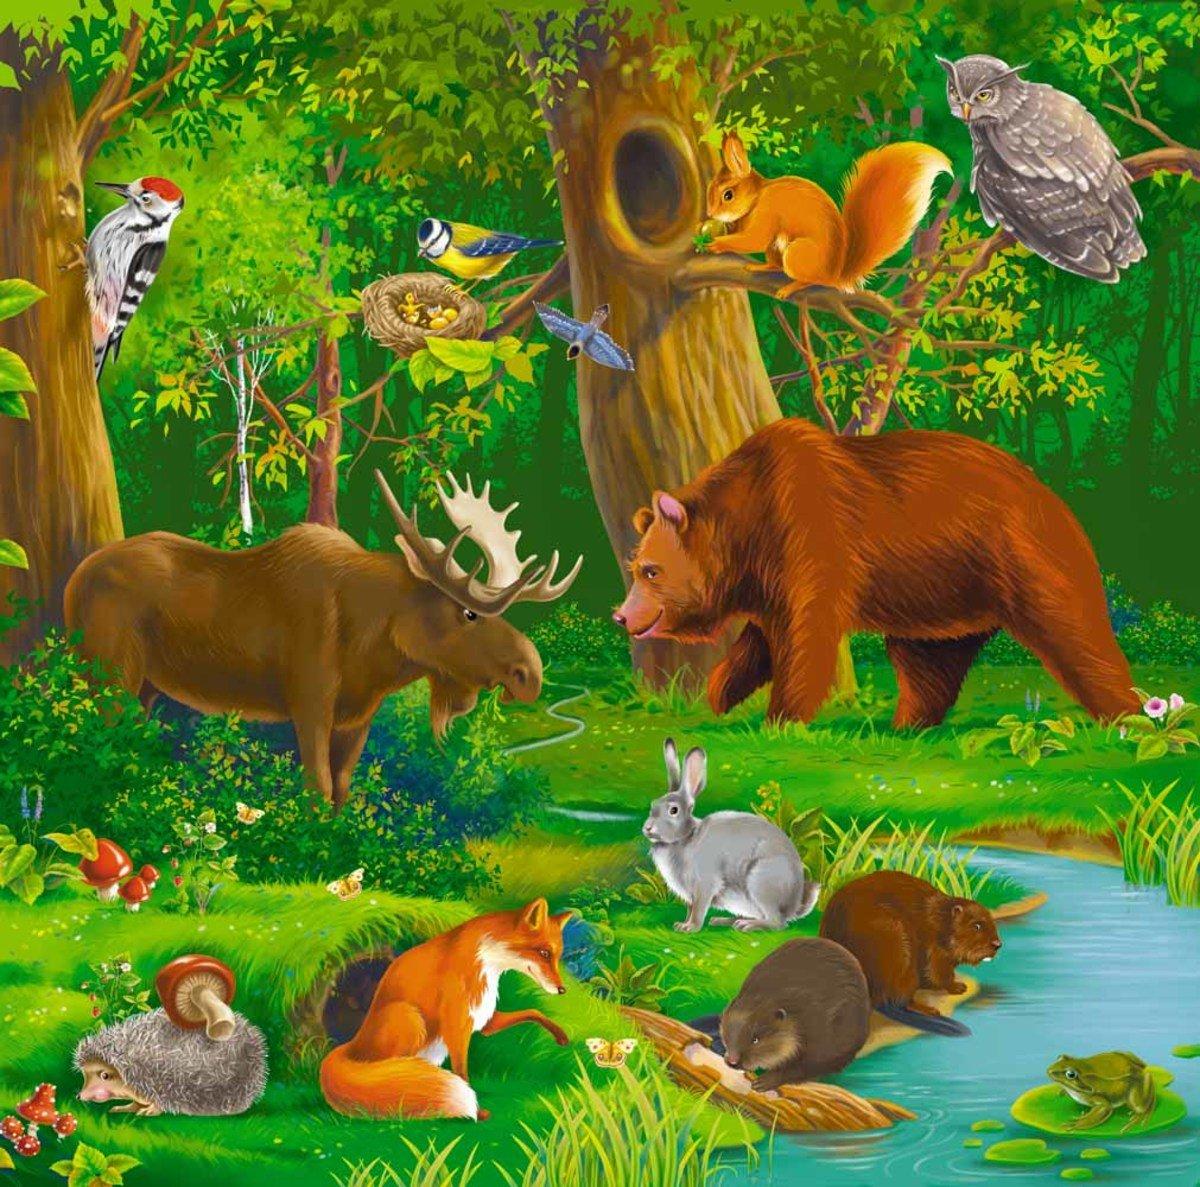 Картинки лесных животных для детей детского сада 3